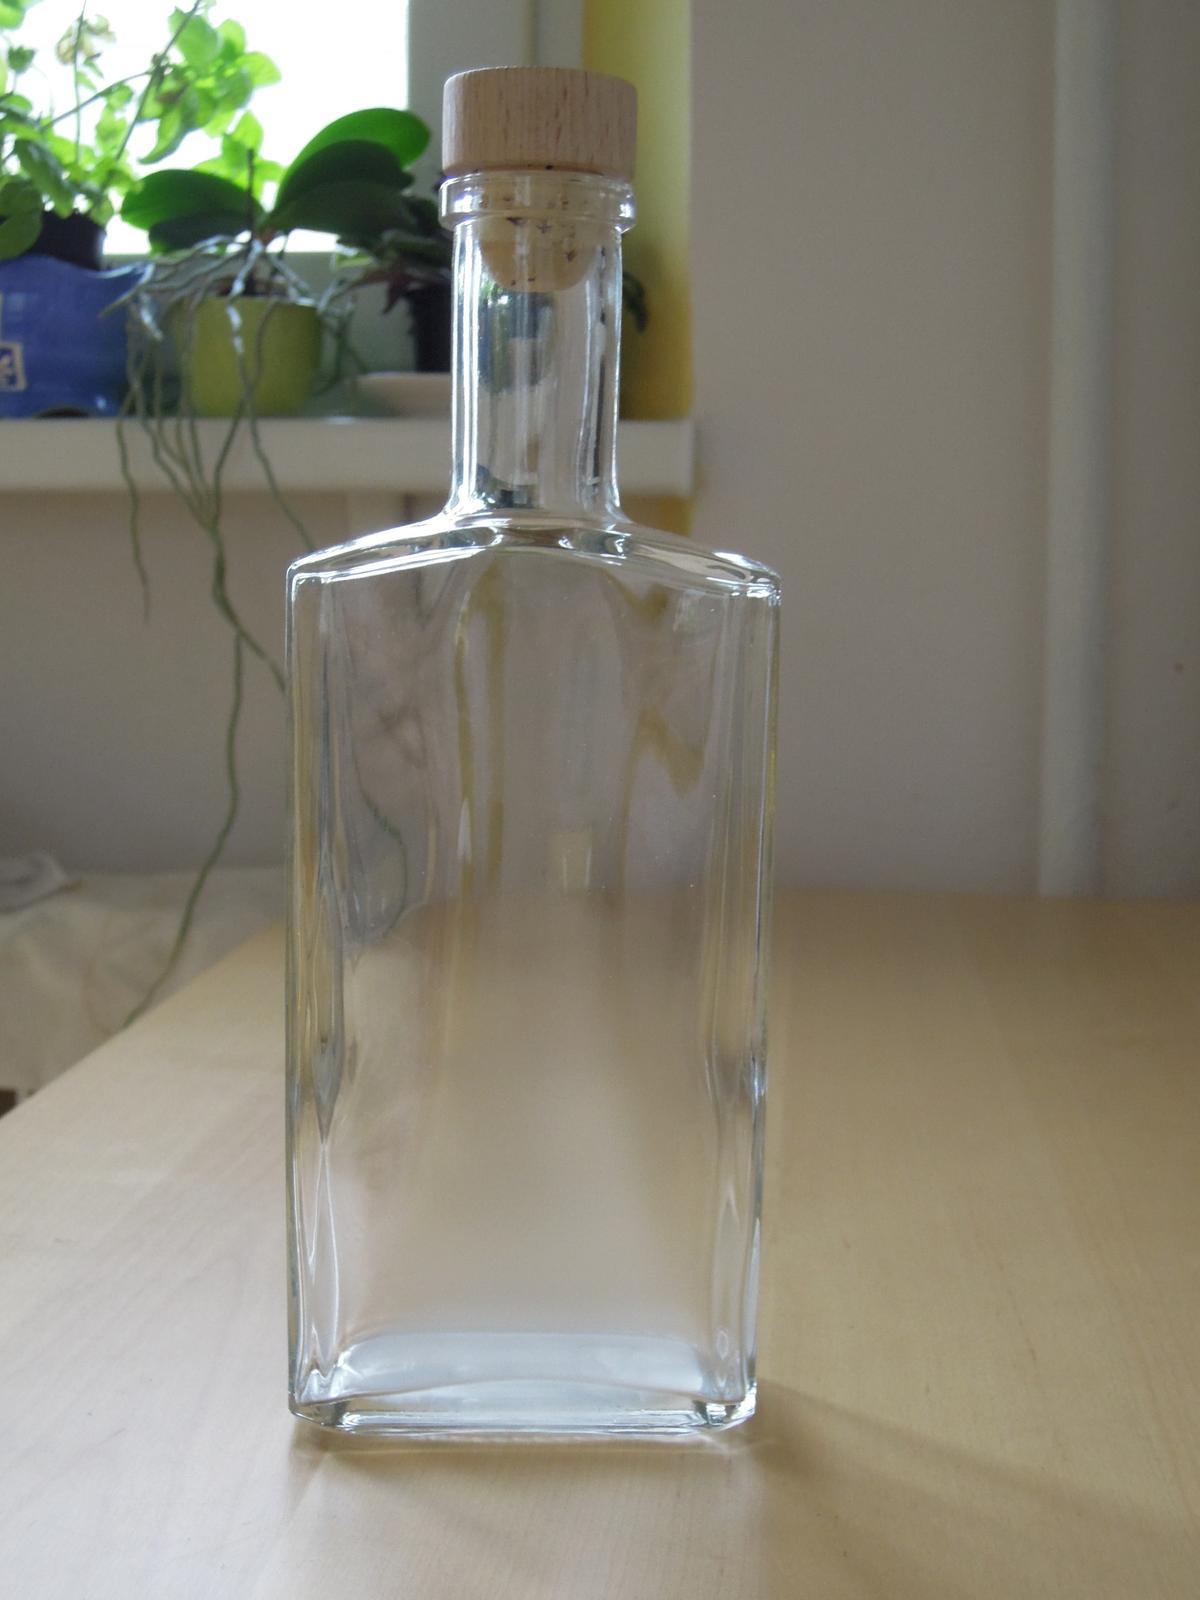 Pomaly zbieram... - Prisli flasky na palenku. Uz len nalepit etiketu a naplnit.